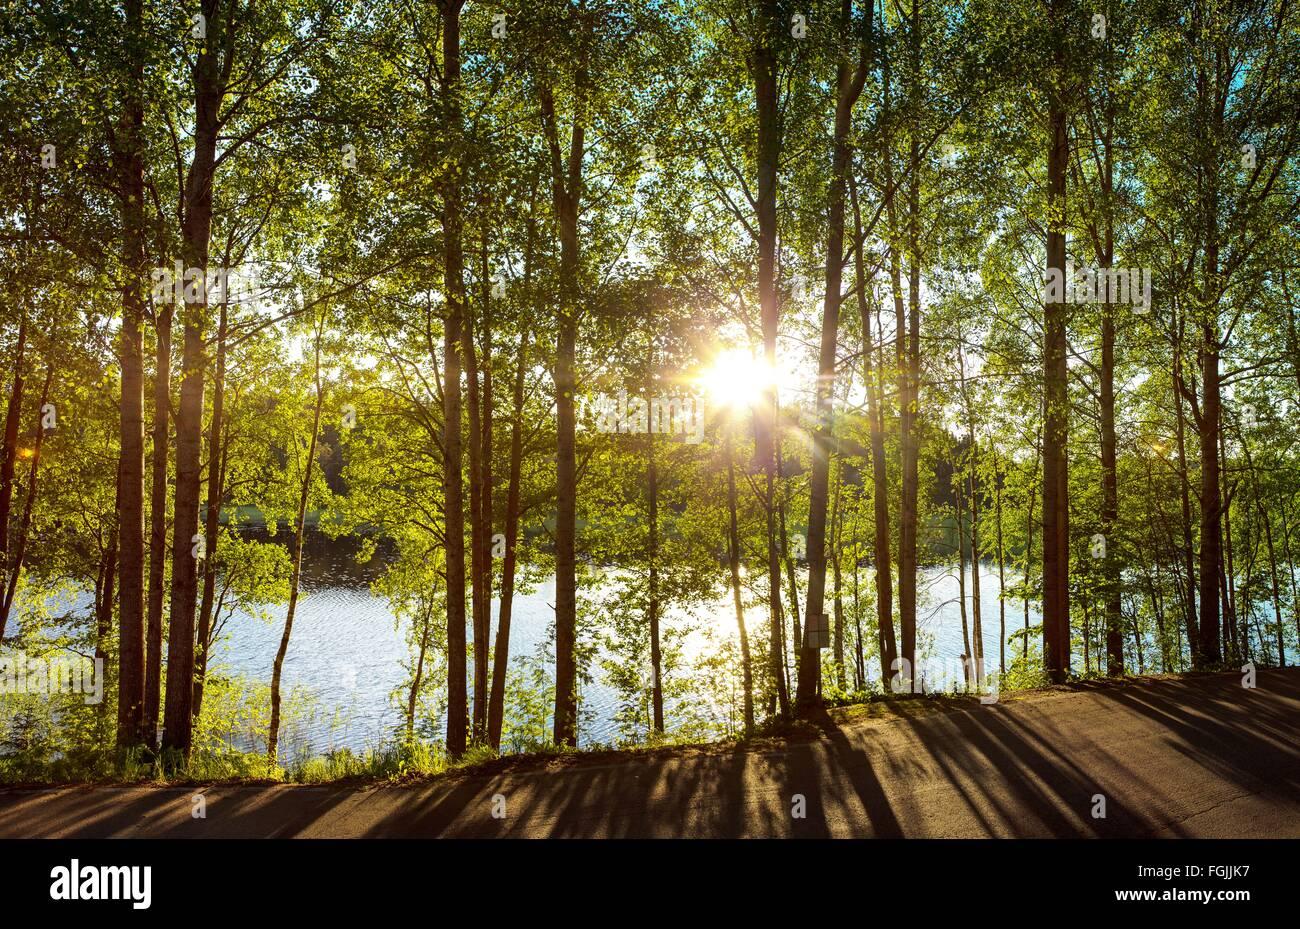 järvi; luonto; maaseutu; kesä; vesistö - Stock Image